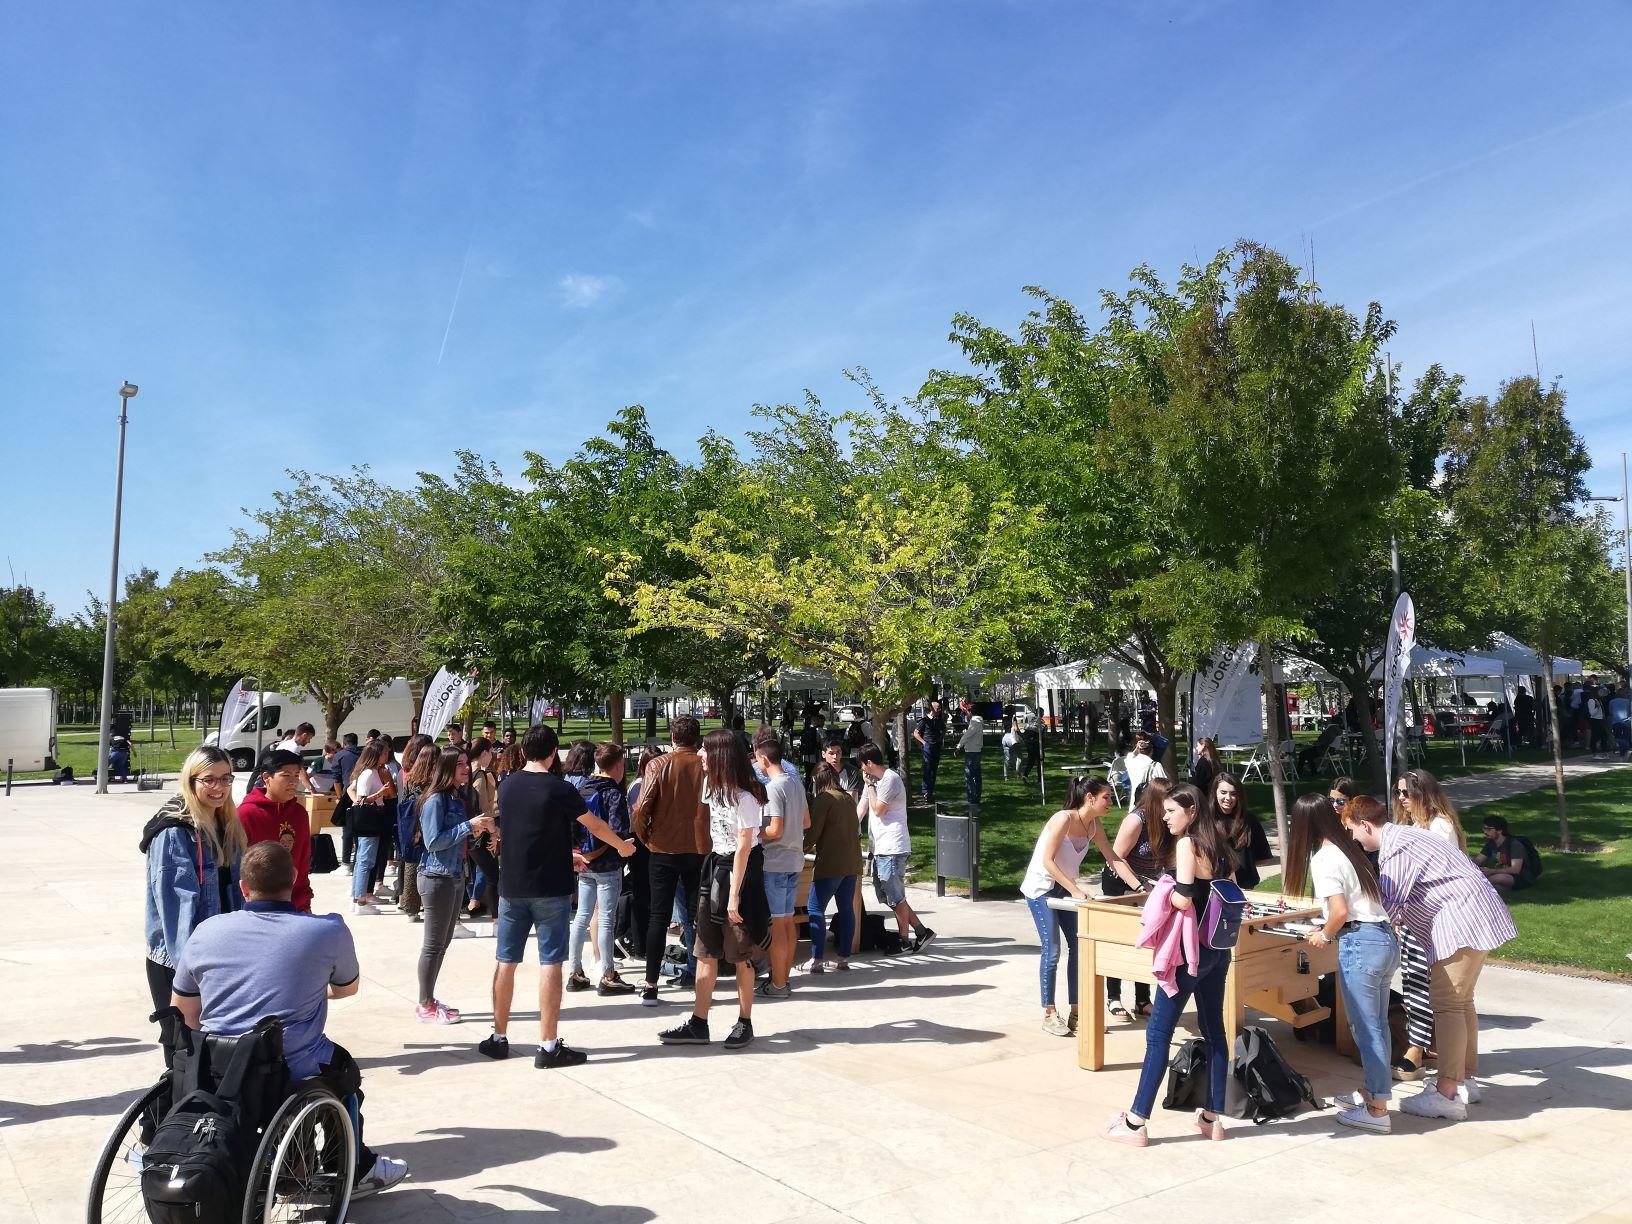 Comienzan el nuevo curso en la Universidad San Jorge con una jornada de bienvenida